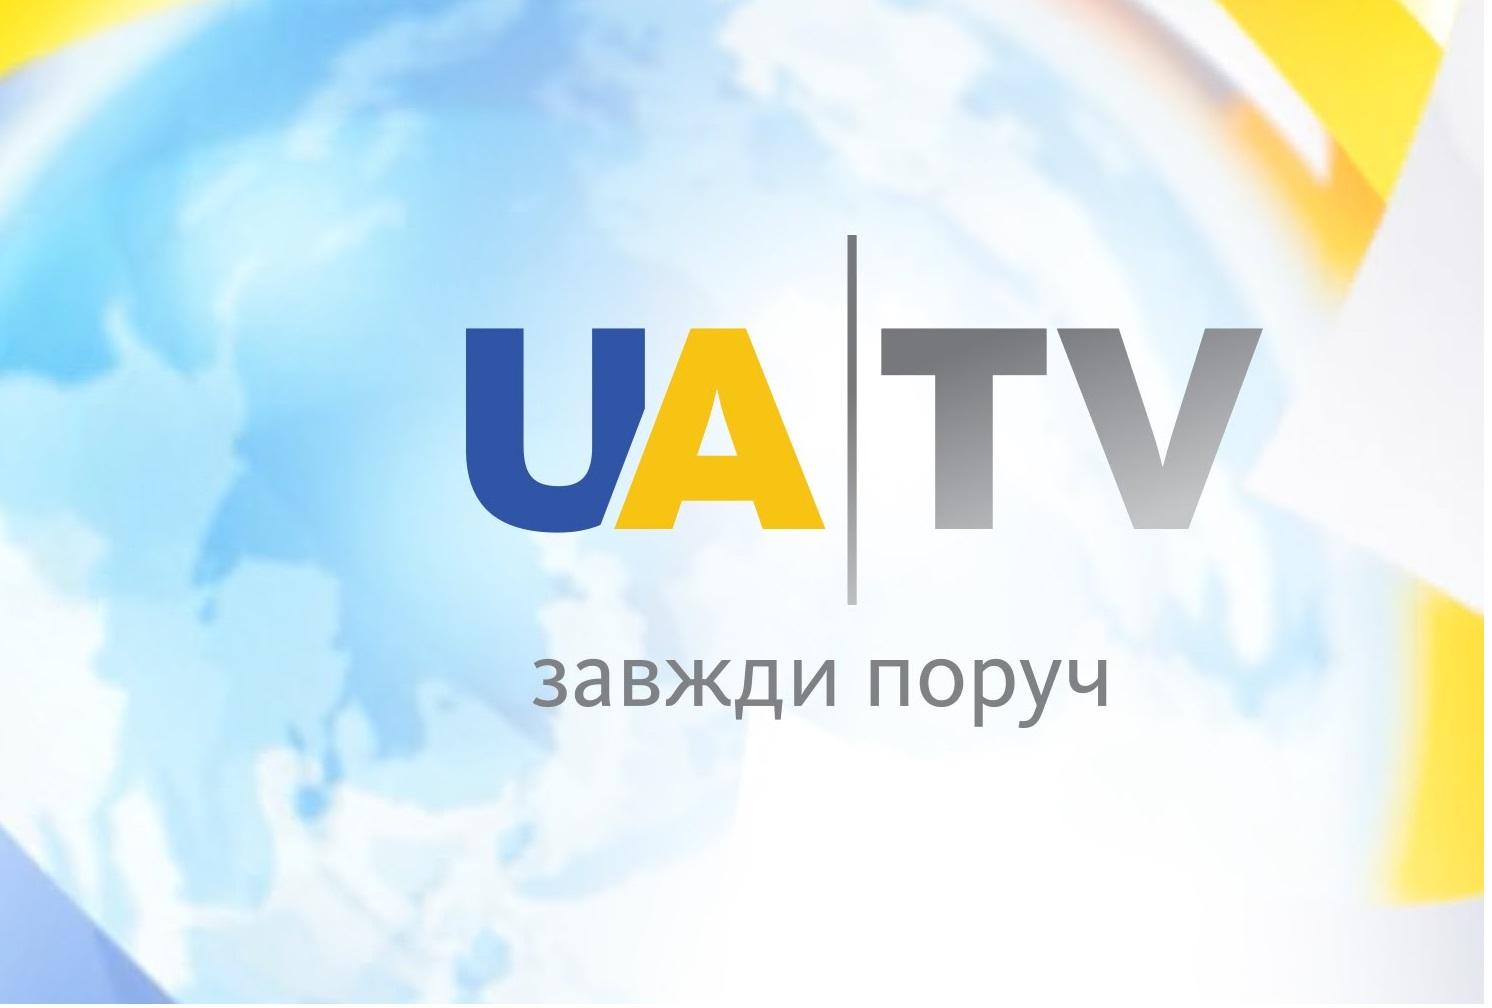 Украинский телеканал начал вещание на неподконтрольных территориях